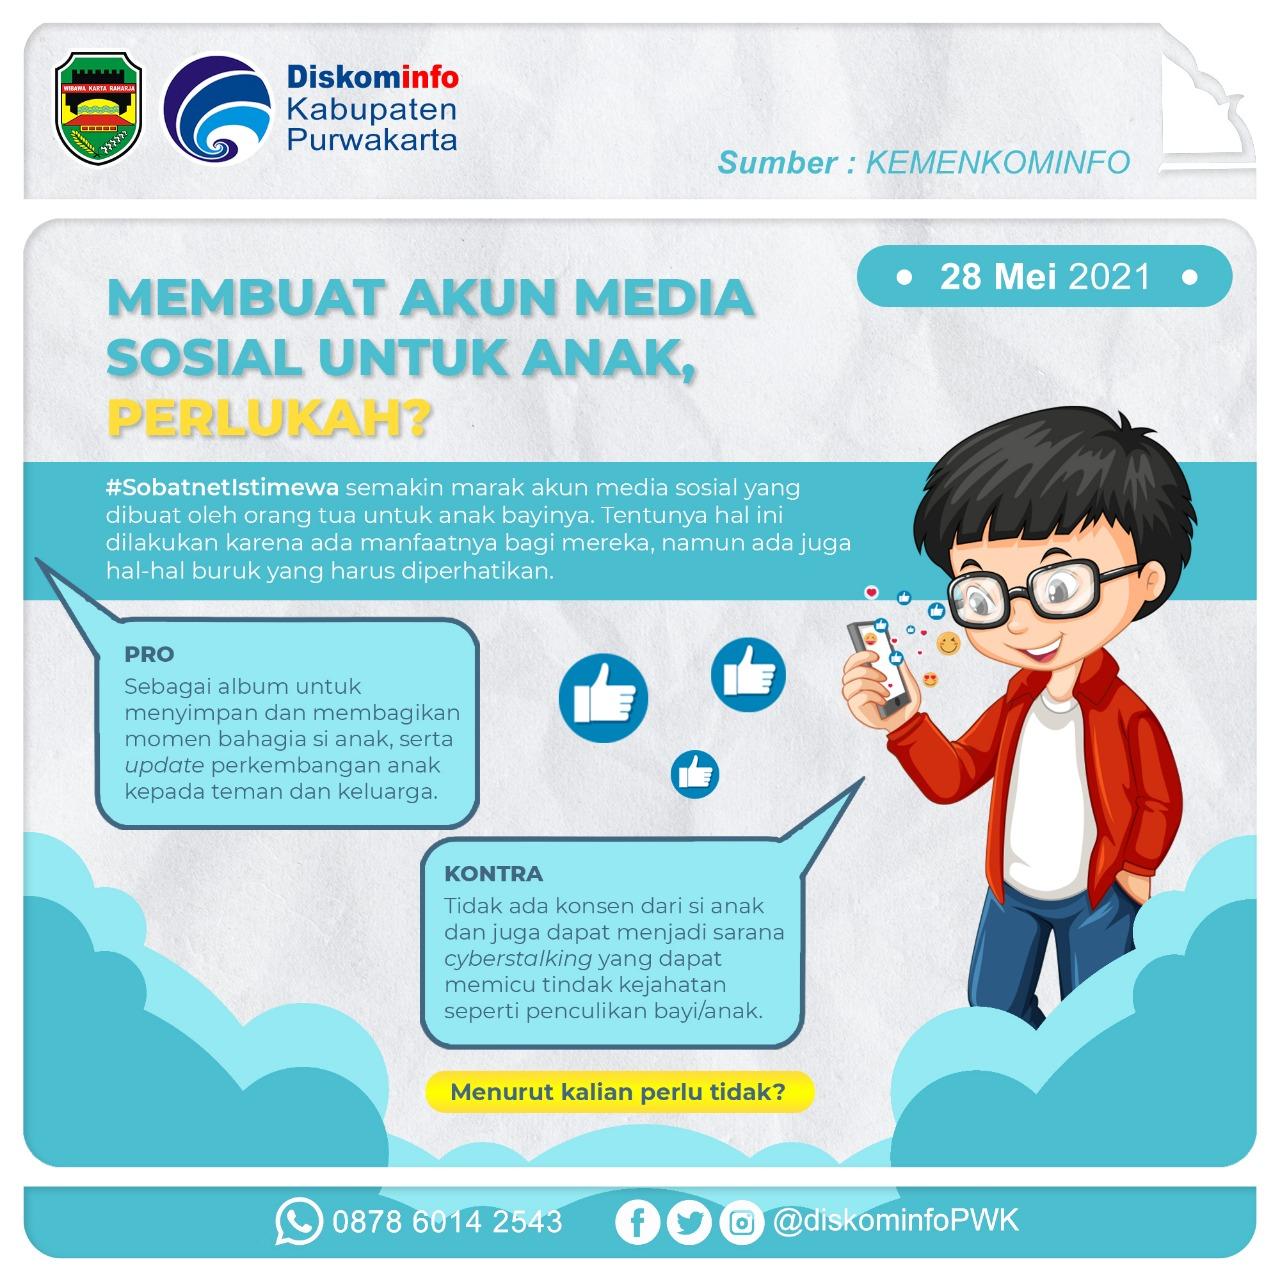 Membuat Akun Media Sosial untuk Anak, Perlukah?